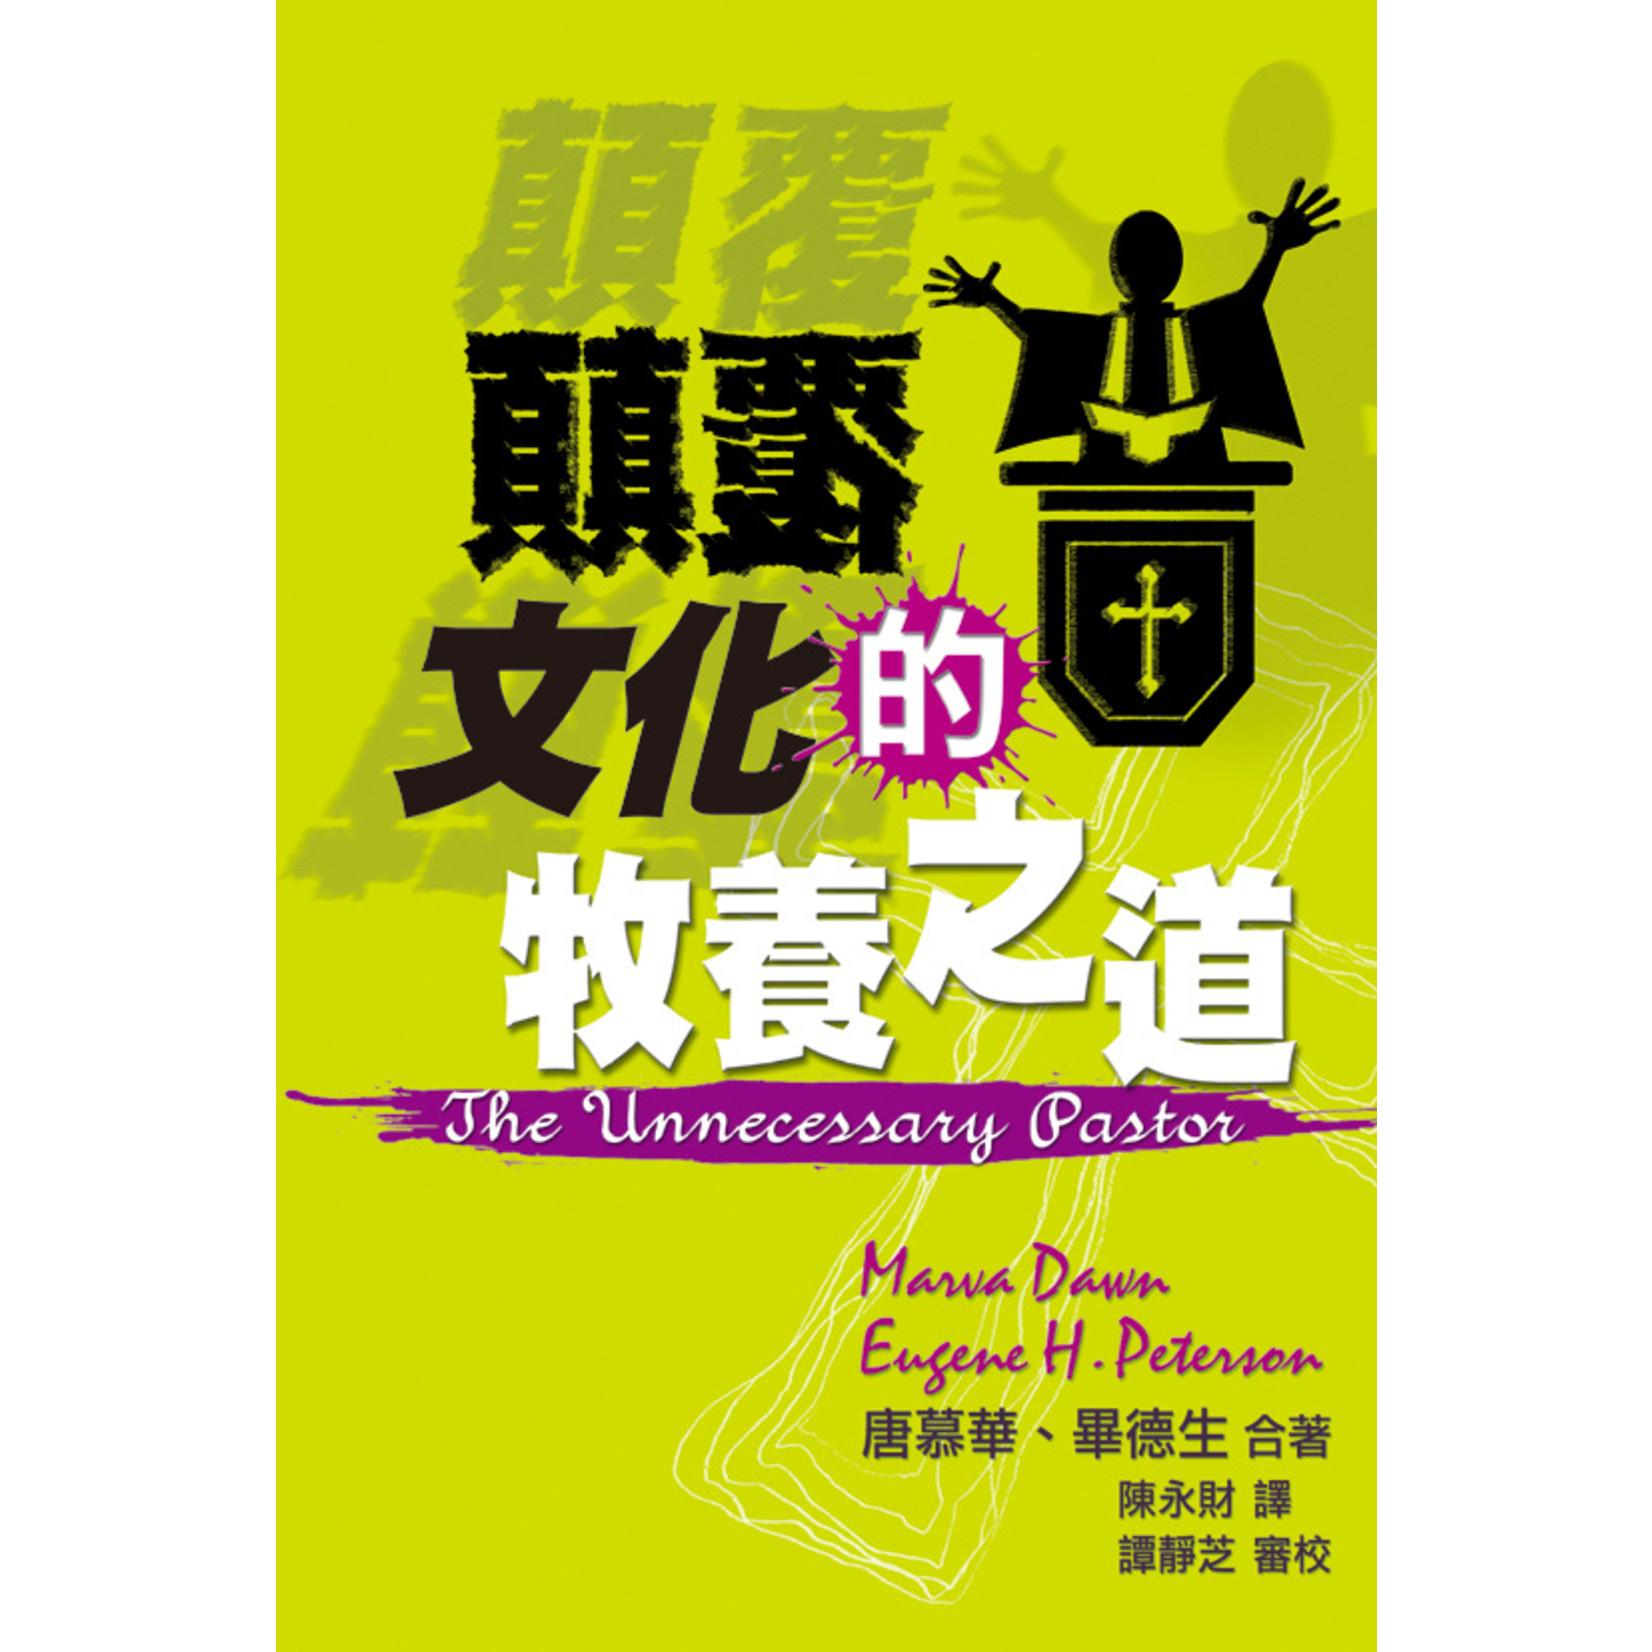 天道書樓 Tien Dao Publishing House 顛覆文化的牧養之道 Unnecessary Pastor: Rediscovering the Call